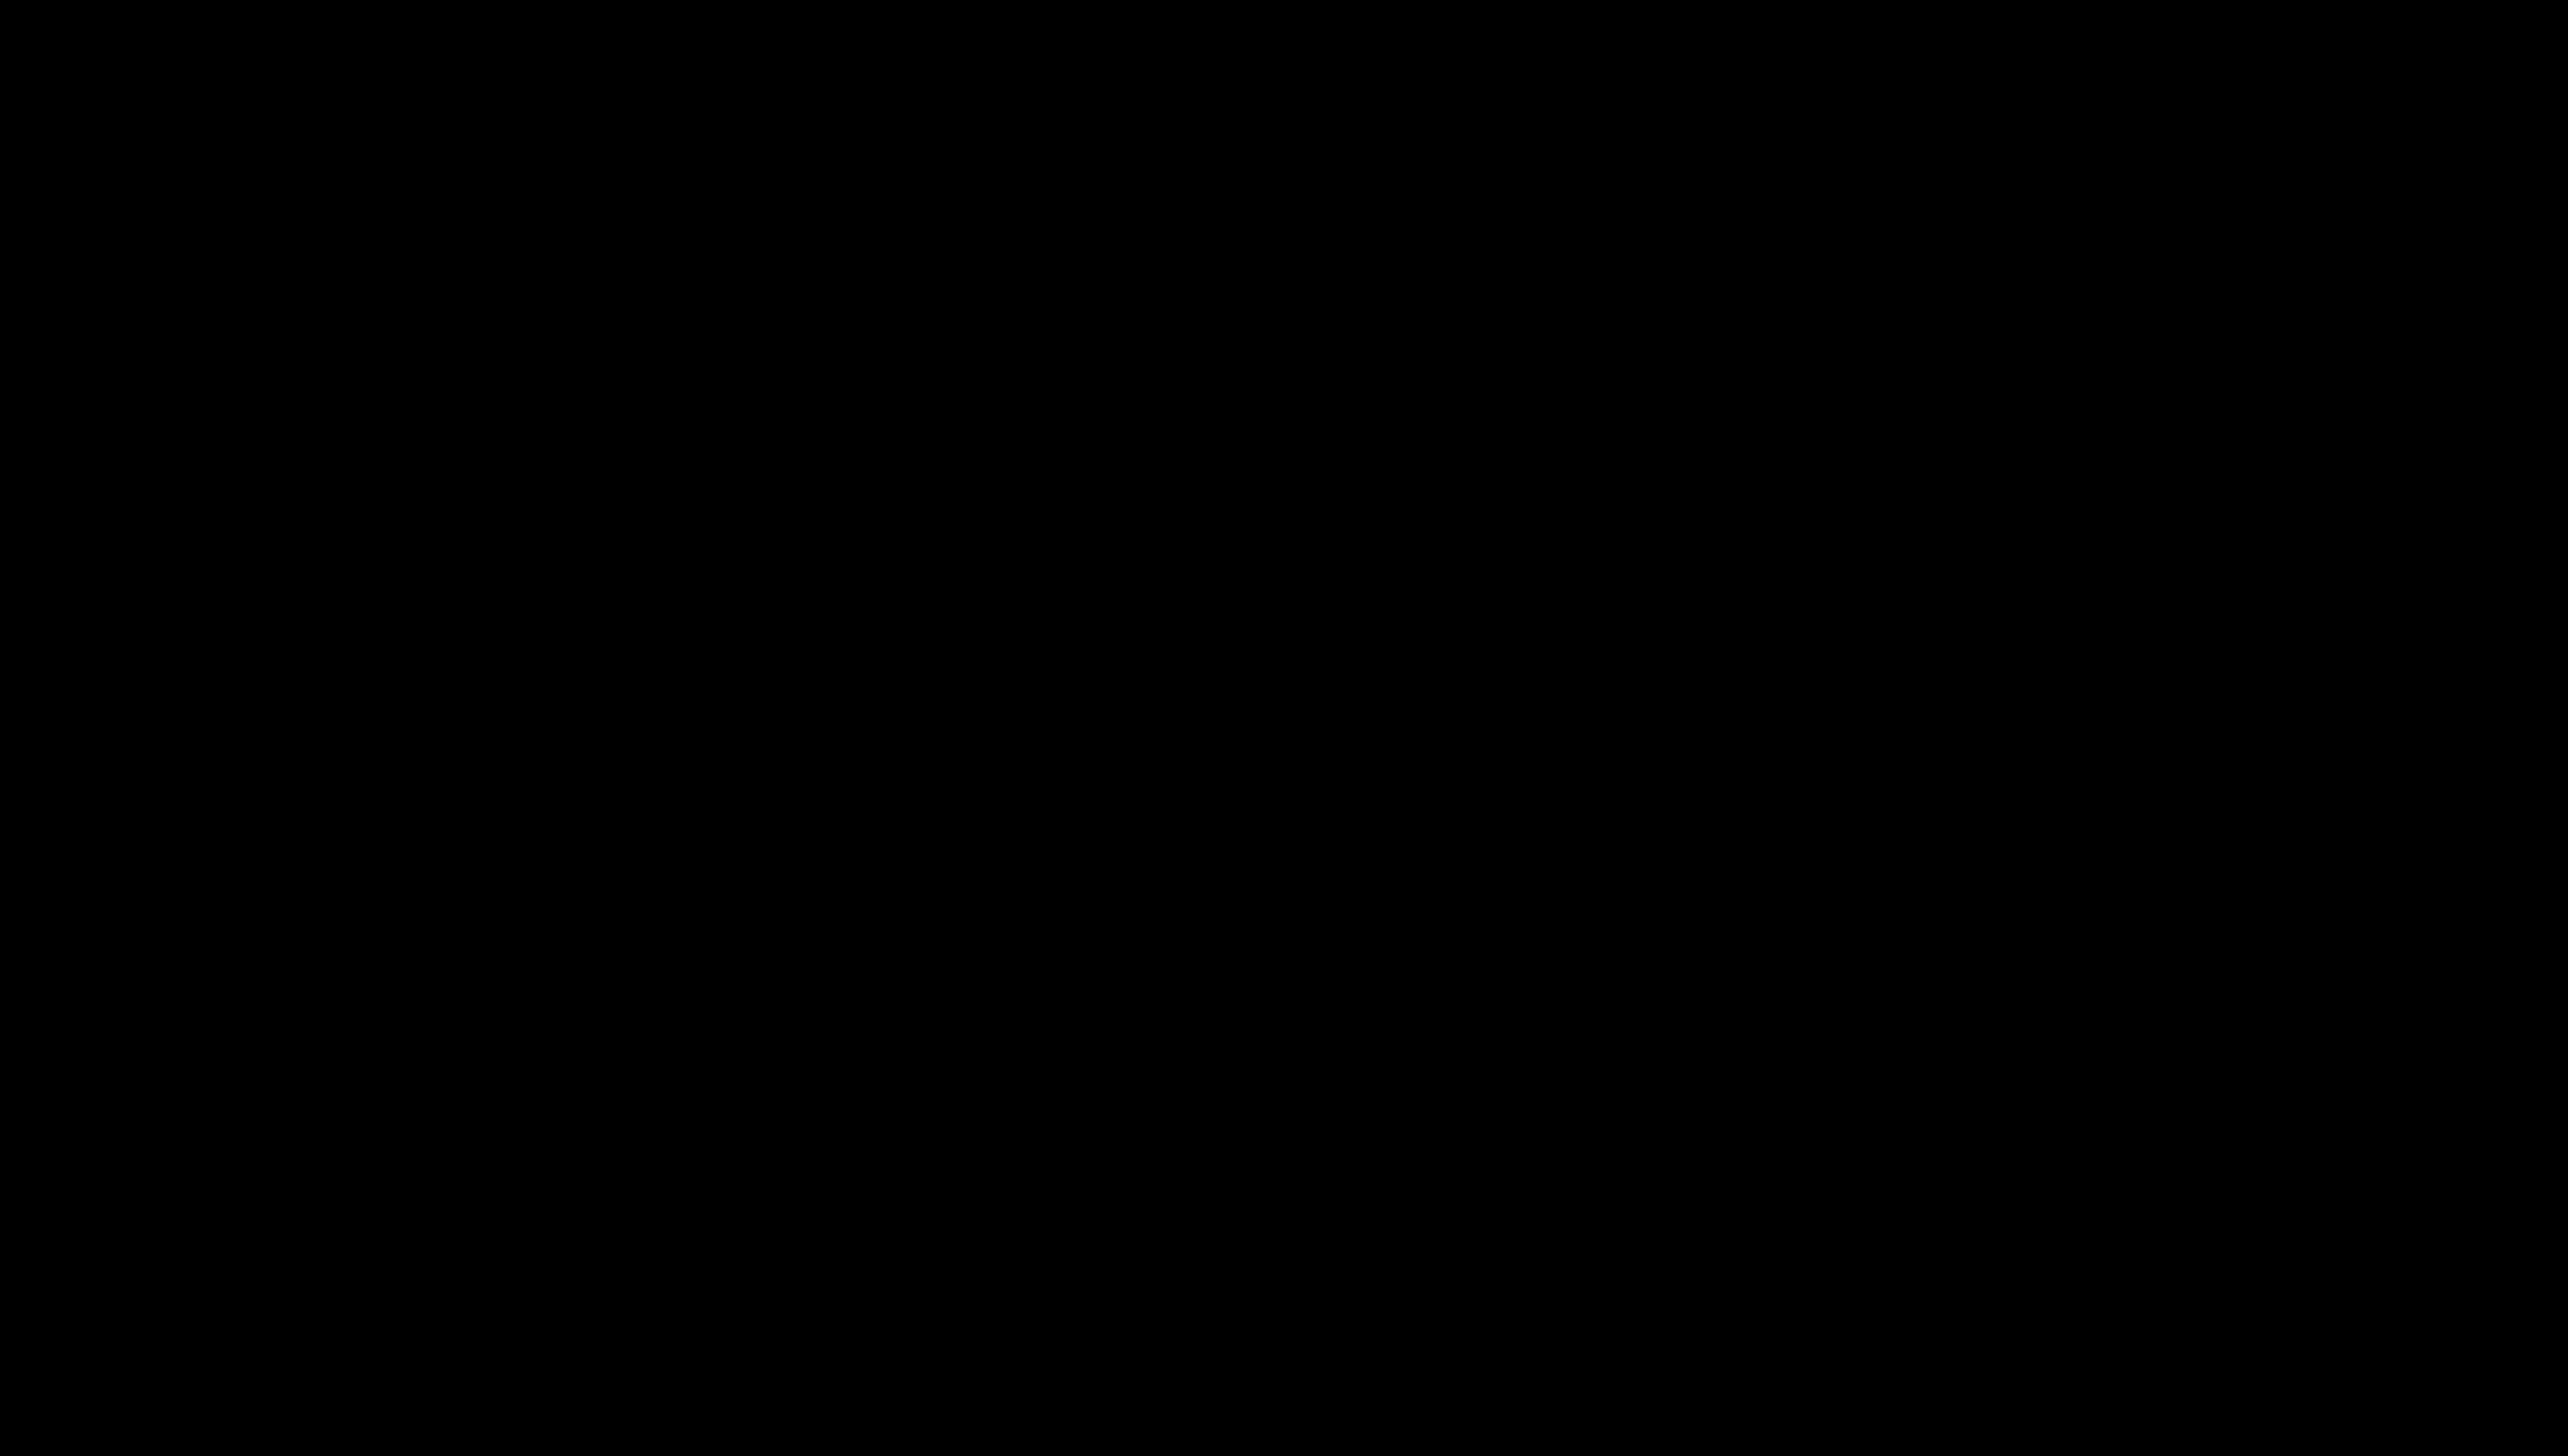 Buy your baby loss awareness pin badge